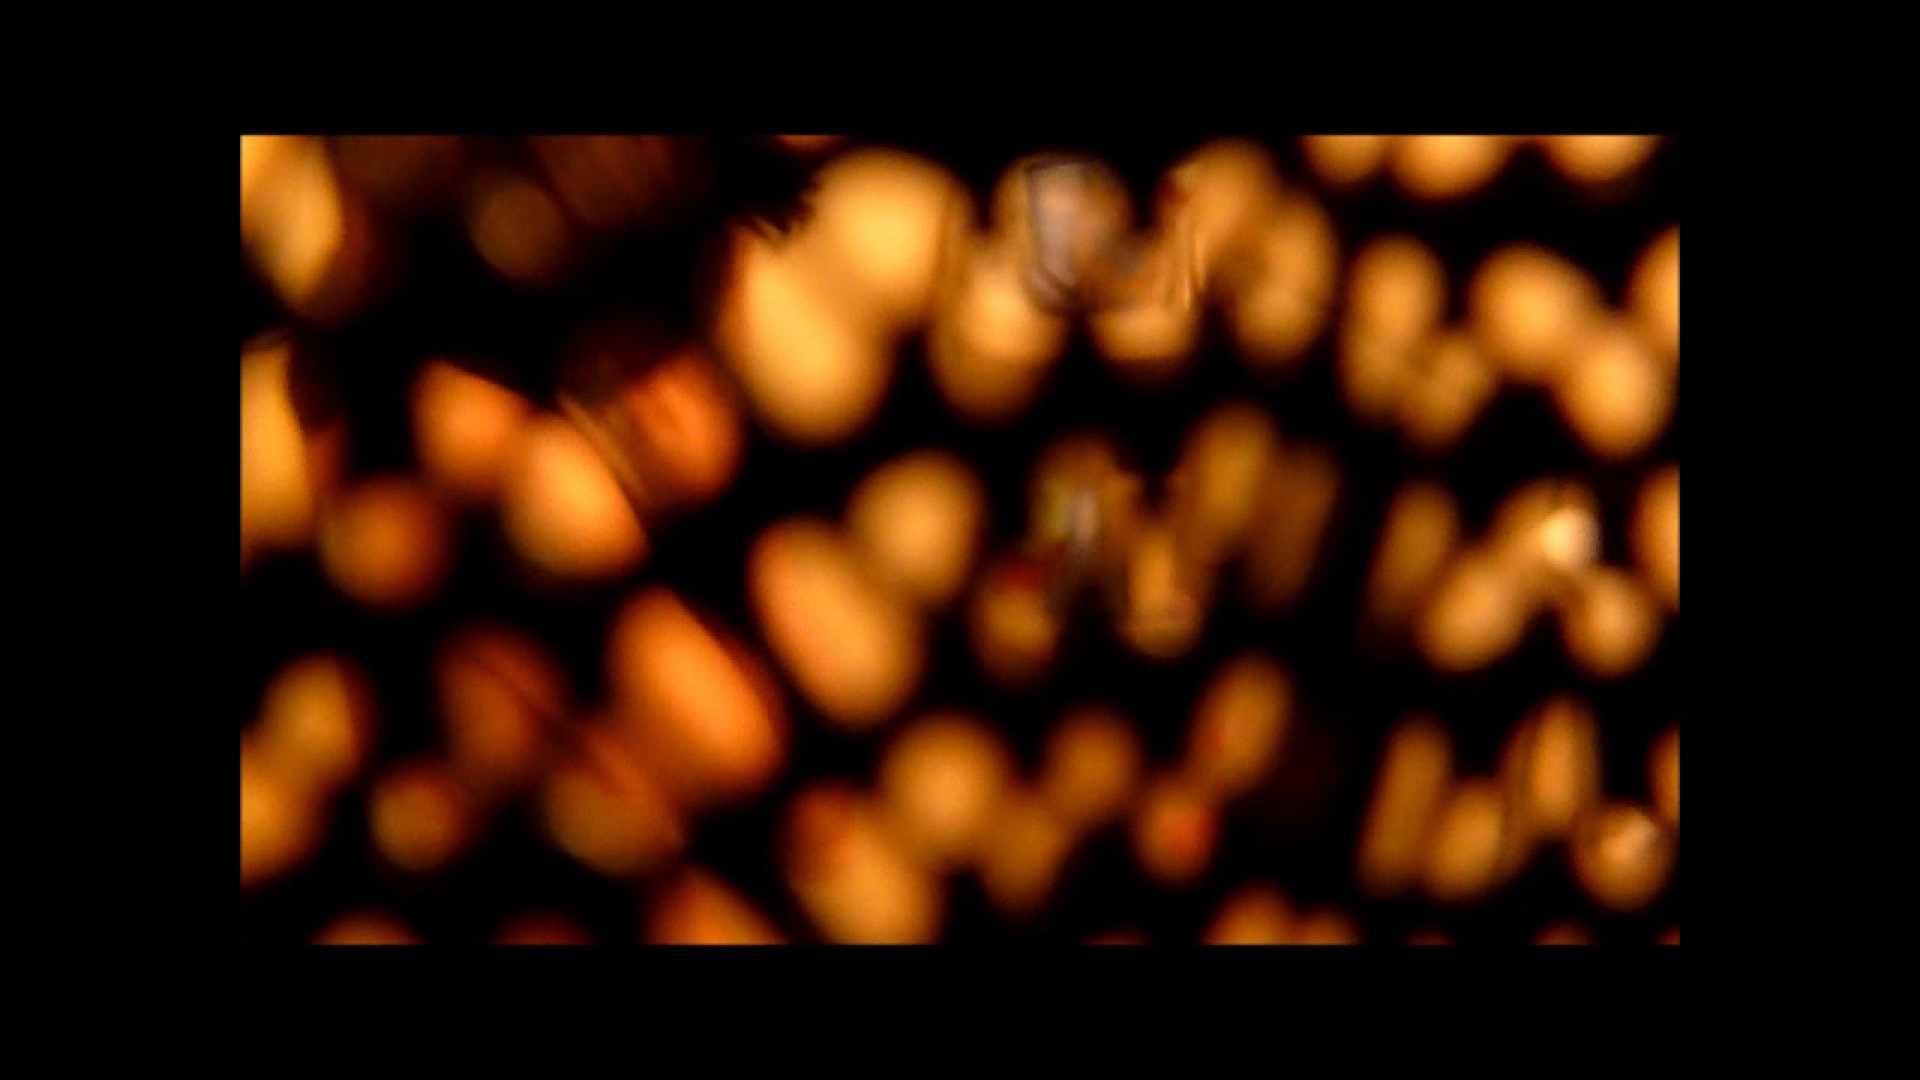 【02】ベランダに侵入して張り込みを始めて・・・やっと結果が出ました。 現役ギャル セックス無修正動画無料 79pic 27